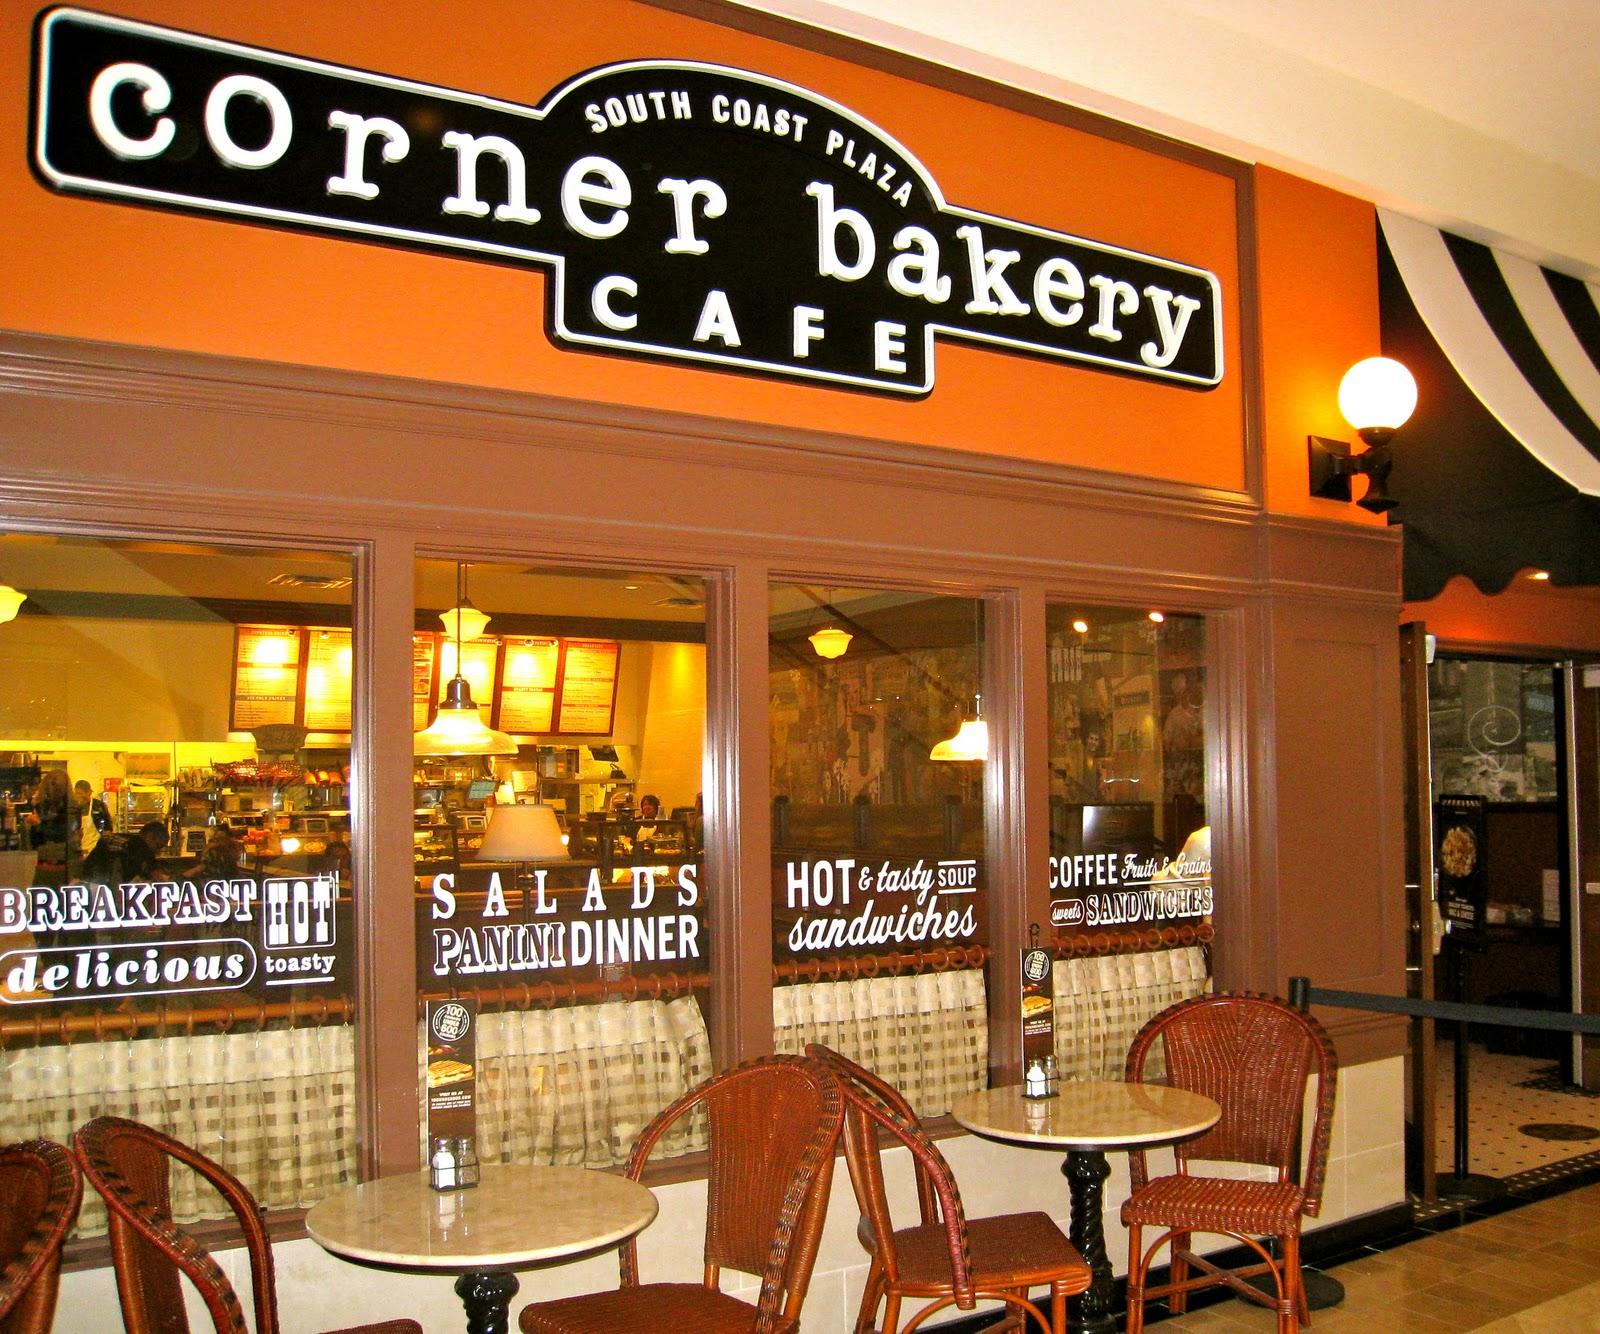 Corner Bakery Cafe South Coast Plaza